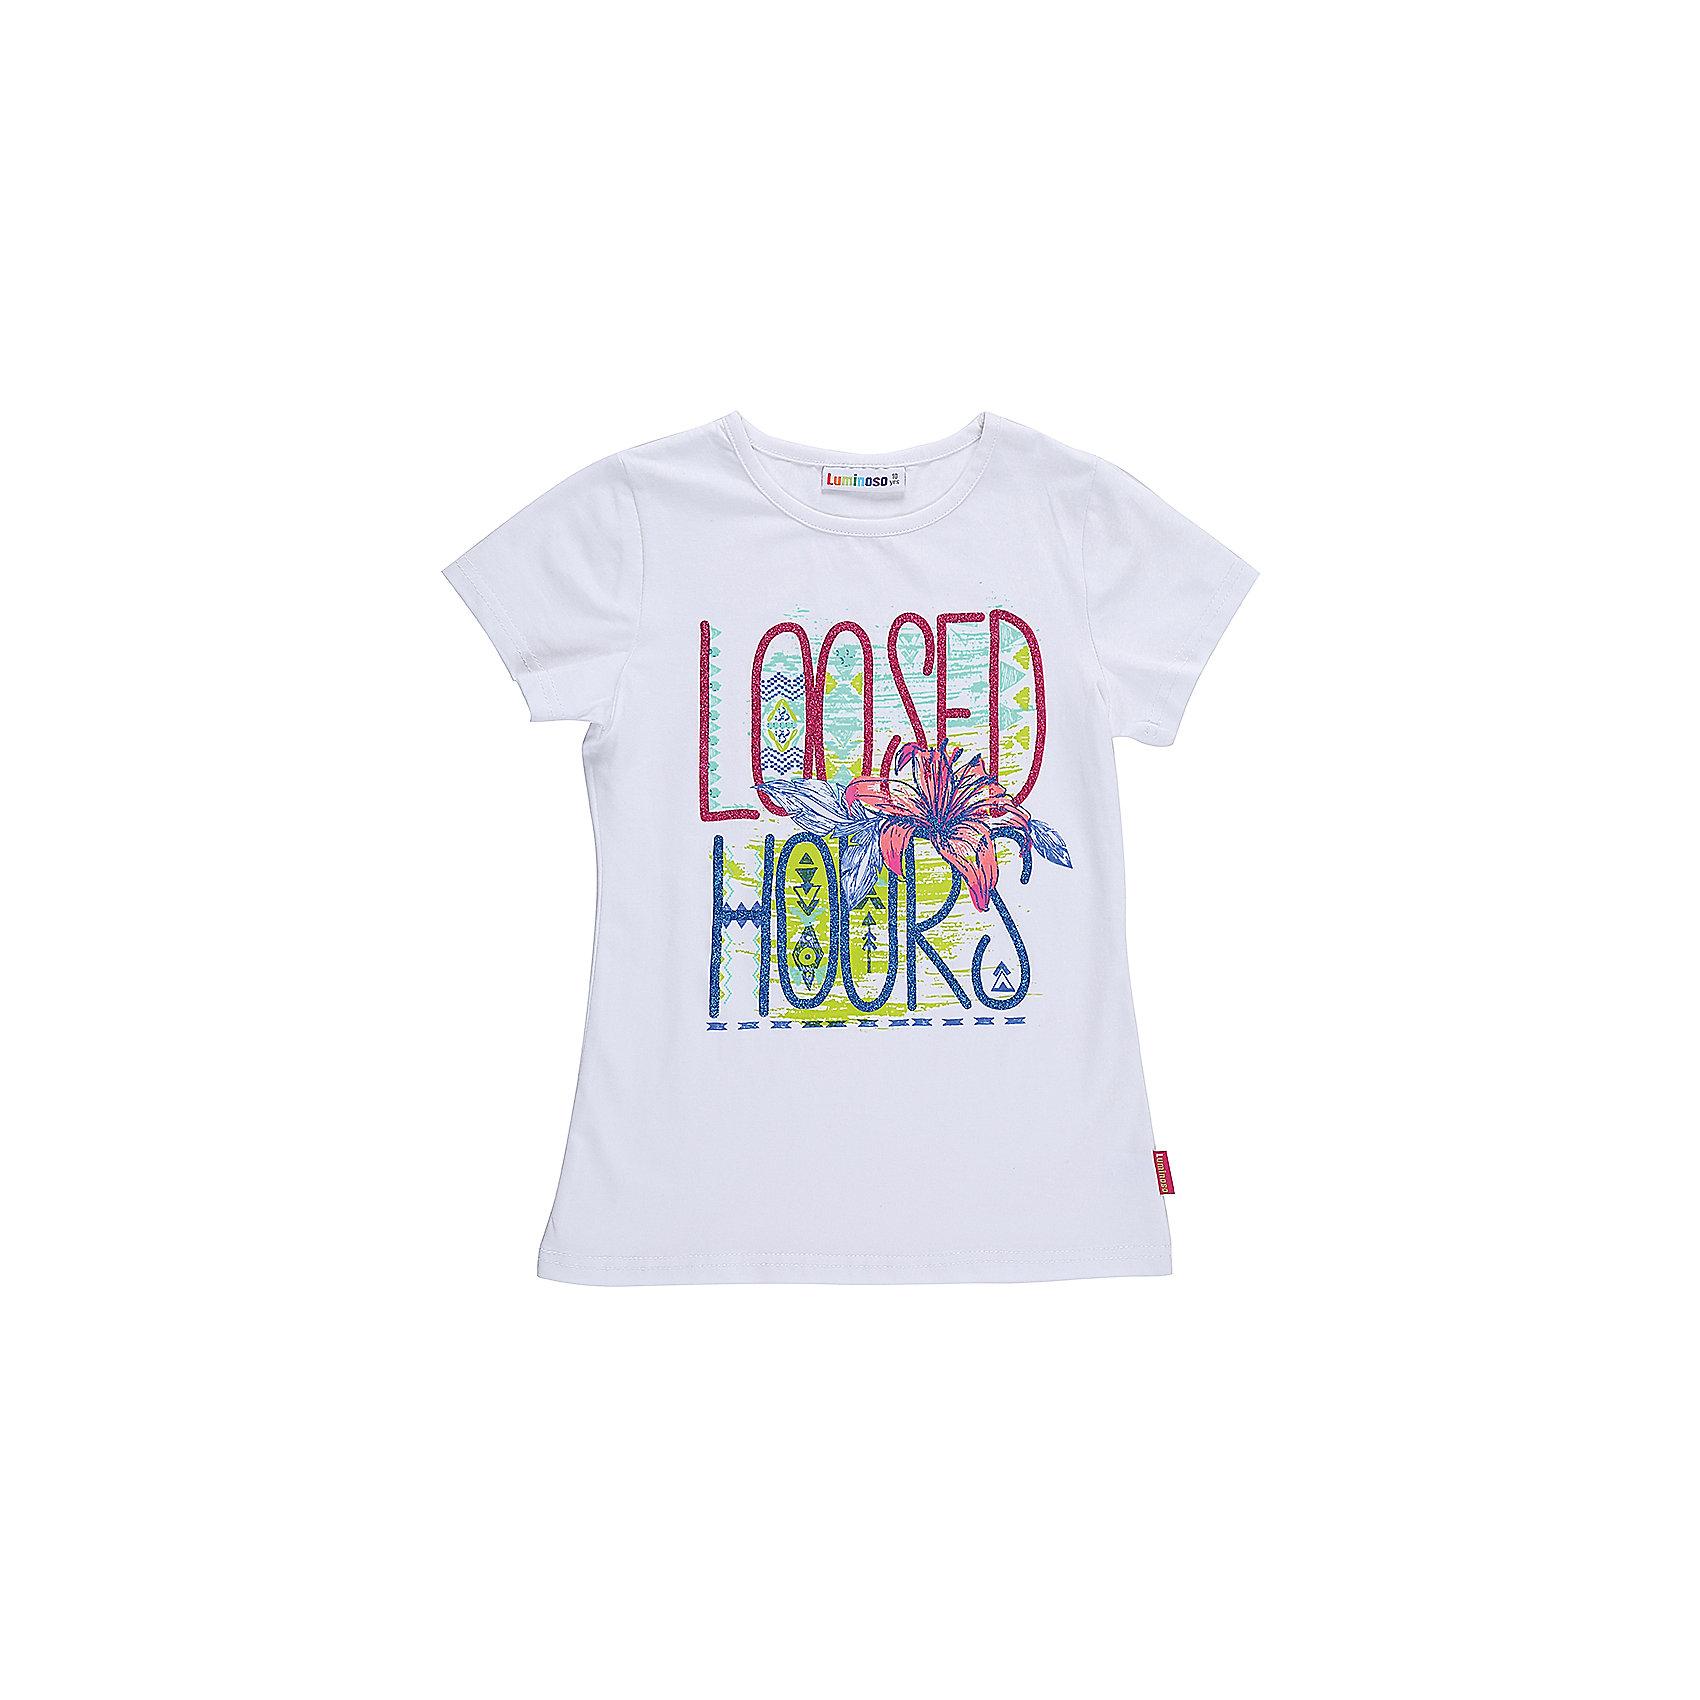 Футболка для девочки LuminosoФутболки, поло и топы<br>Стильная футболка из трикотажной ткани для девочки с коротким рукавом. Декорирована ярким принтом. Приталенный крой.<br>Состав:<br>95%хлопок 5%эластан<br><br>Ширина мм: 199<br>Глубина мм: 10<br>Высота мм: 161<br>Вес г: 151<br>Цвет: белый<br>Возраст от месяцев: 144<br>Возраст до месяцев: 156<br>Пол: Женский<br>Возраст: Детский<br>Размер: 158,164,134,140,146,152<br>SKU: 5413689